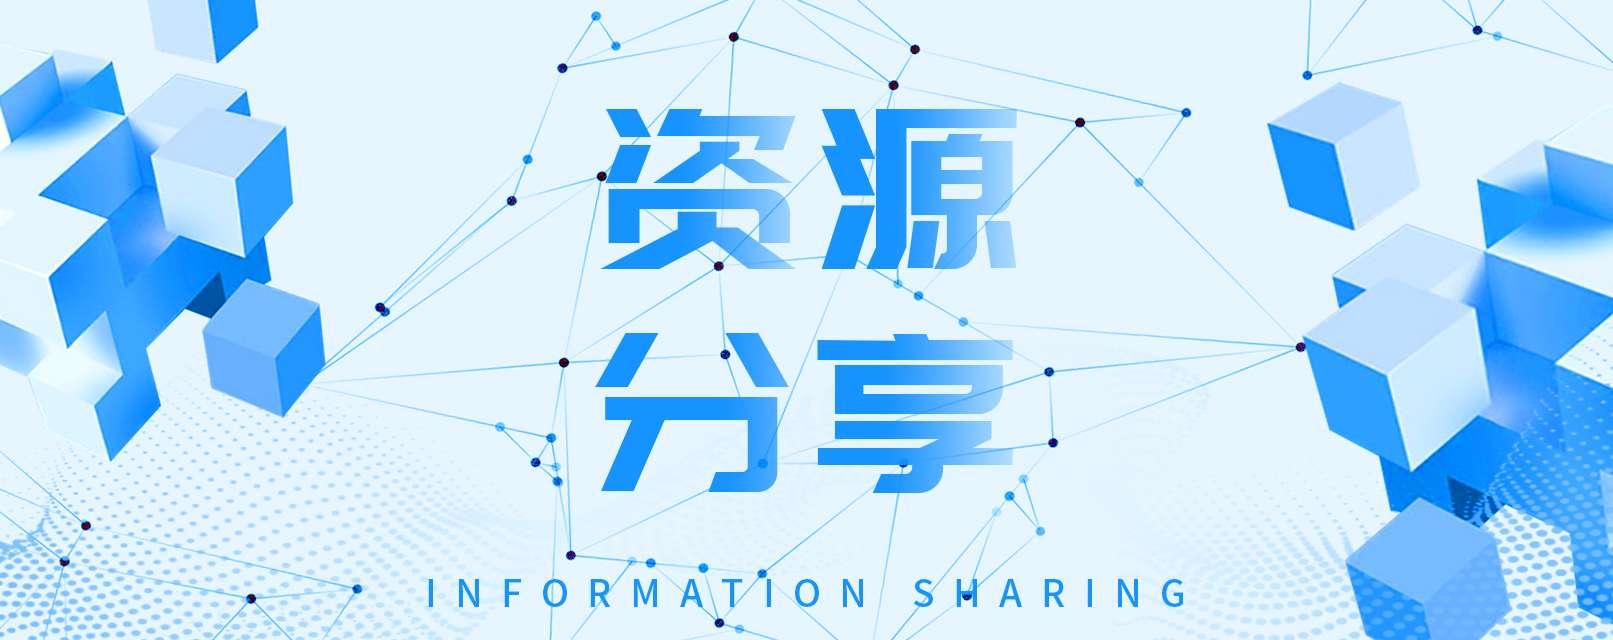 【资源分享】微信斗图申请(还怕以后斗不过别人)